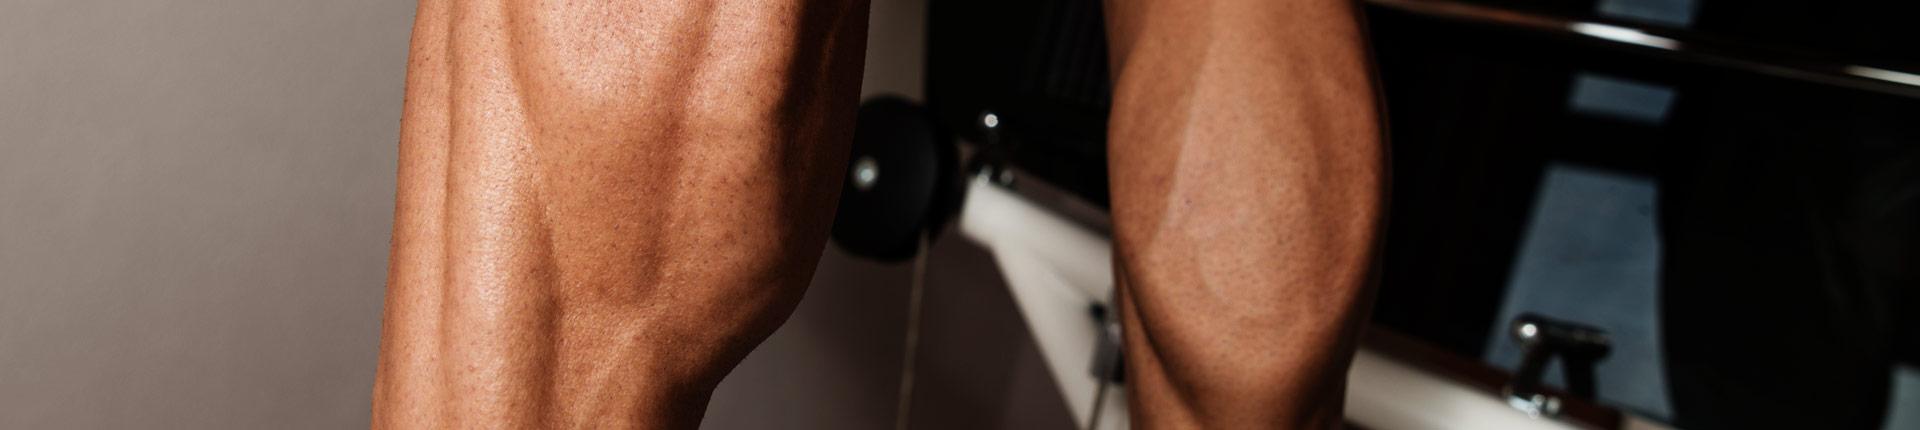 4 dobre ćwiczenia na łydki, ciekawe i mniej znane